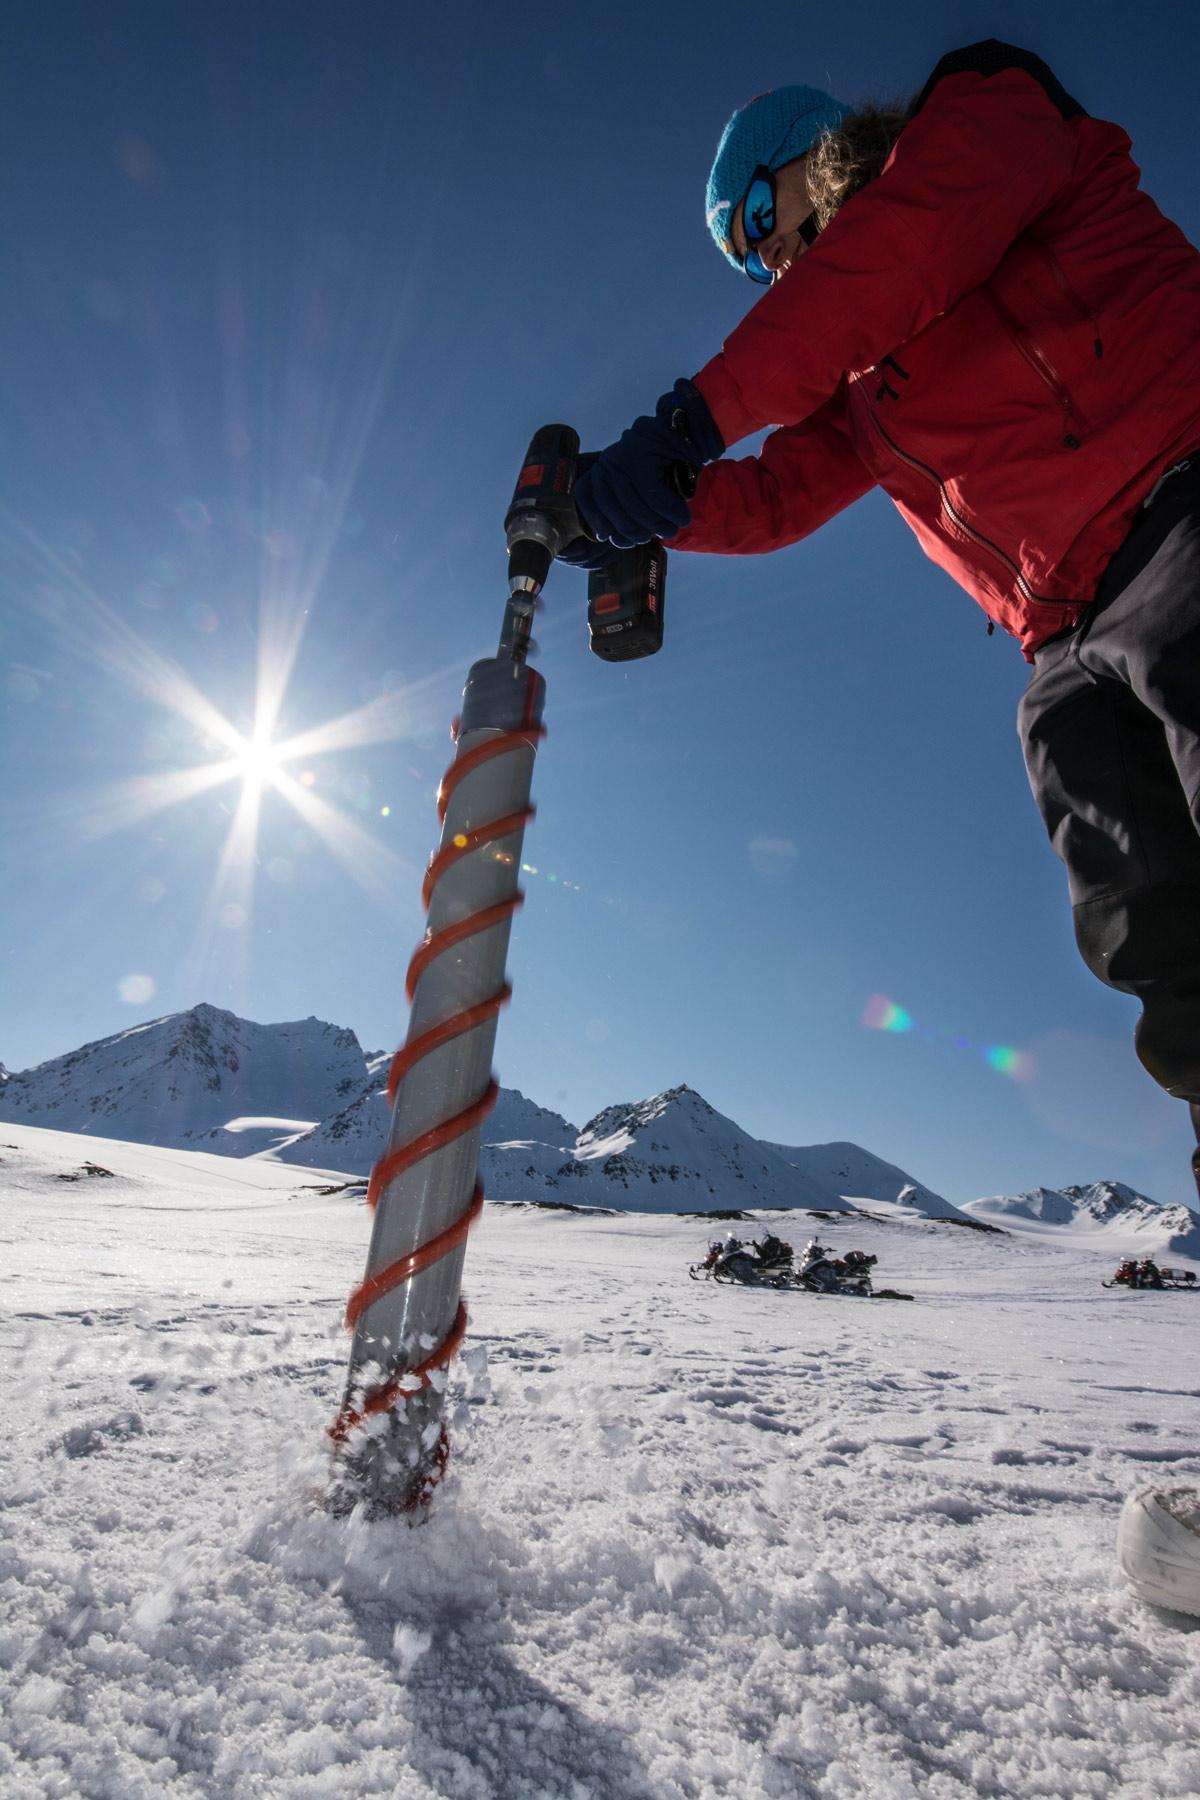 Leben im Eis Birgit Sattler, Klemens Weisleitner #bergundsteigen105 ---------------- Eine Reise zu den Überlebeskünstlern am Gefrierpunkt und was die Biologie mit dem Klima zu tun hat. Pic by Klemens Weisleitner